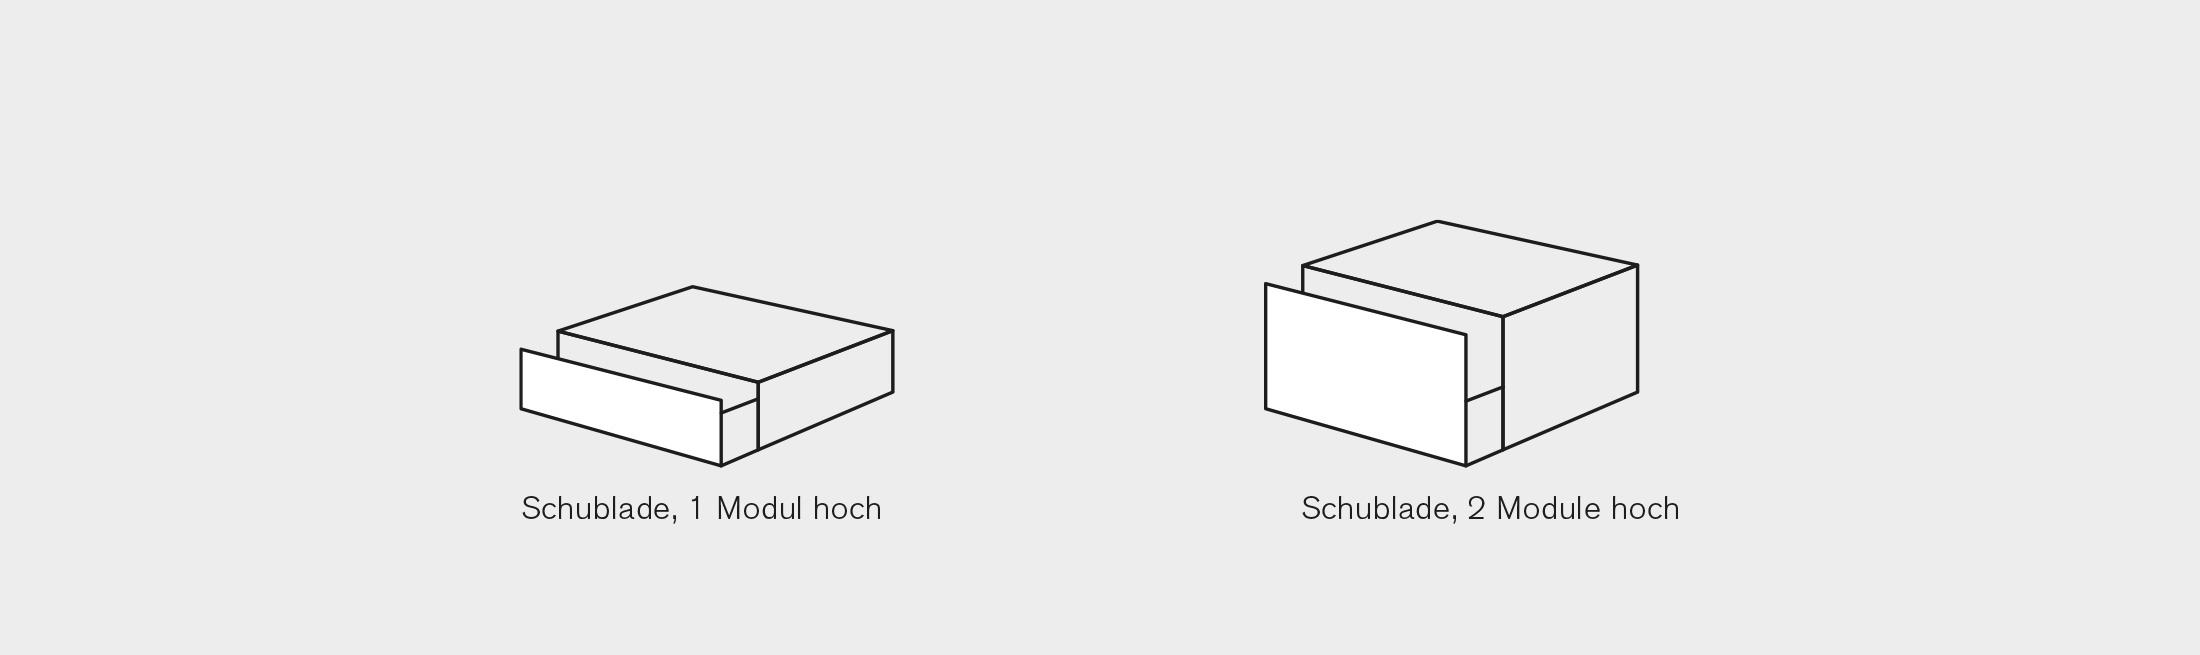 BARD AG   Modul-System   Schubladen Grösse 1